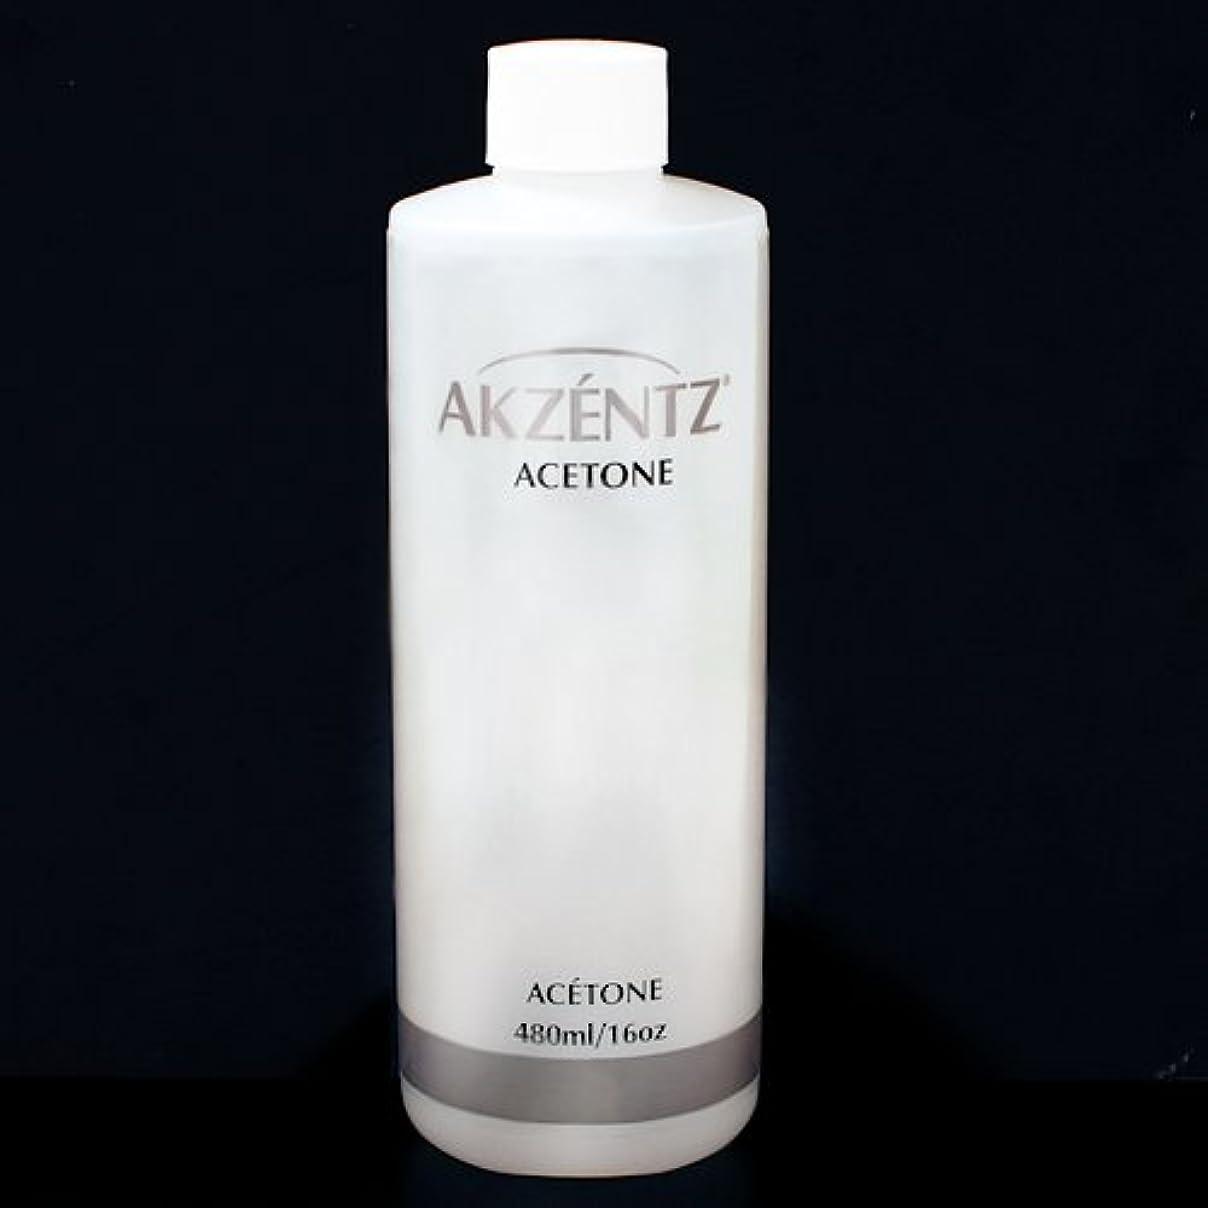 ボトルネック先見の明証明書アクセンツ(AKZENTZ) ネイルリムーバー (アセトン) 480ml